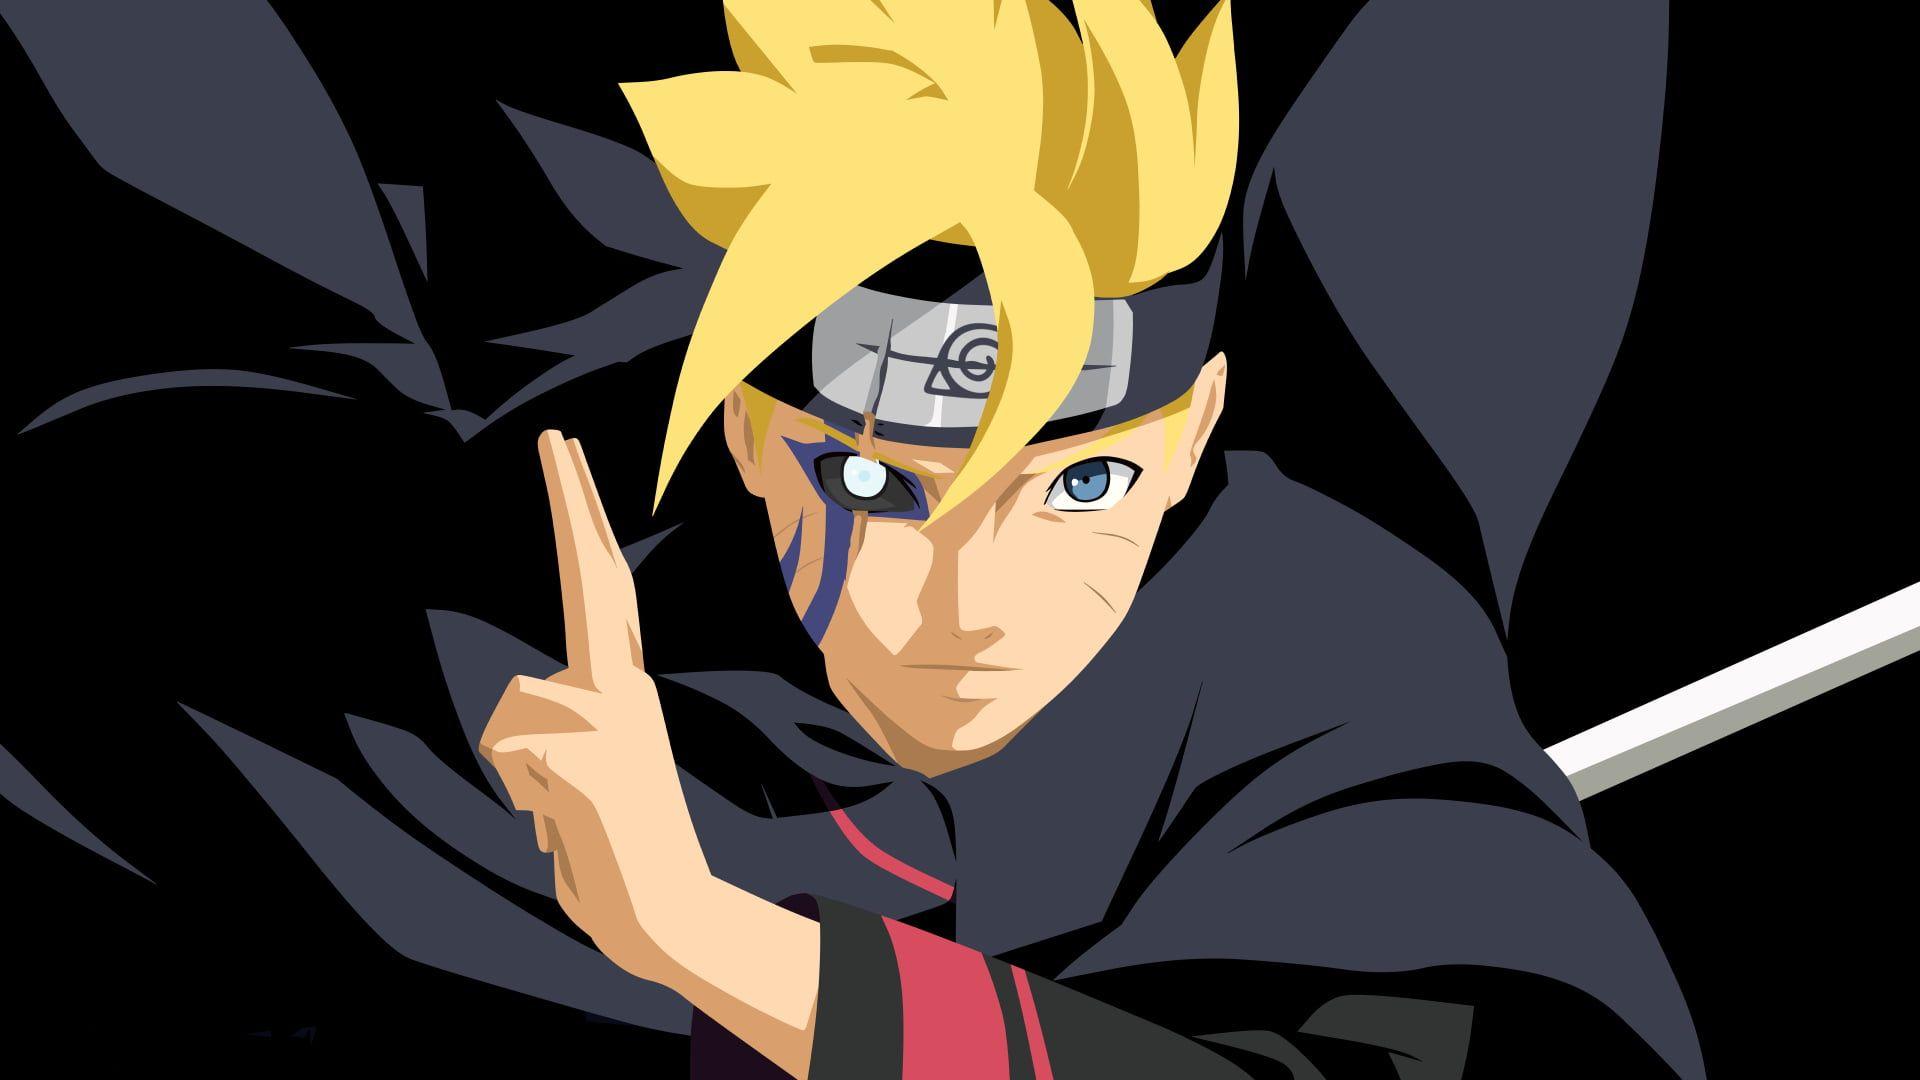 Naruto Boruto Anime Boruto Anime Boruto Uzumaki Boruto Naruto Next Generations Byakugan Naruto Tenseigan Naruto 1 In 2021 Hd Anime Wallpapers Anime Hd Anime